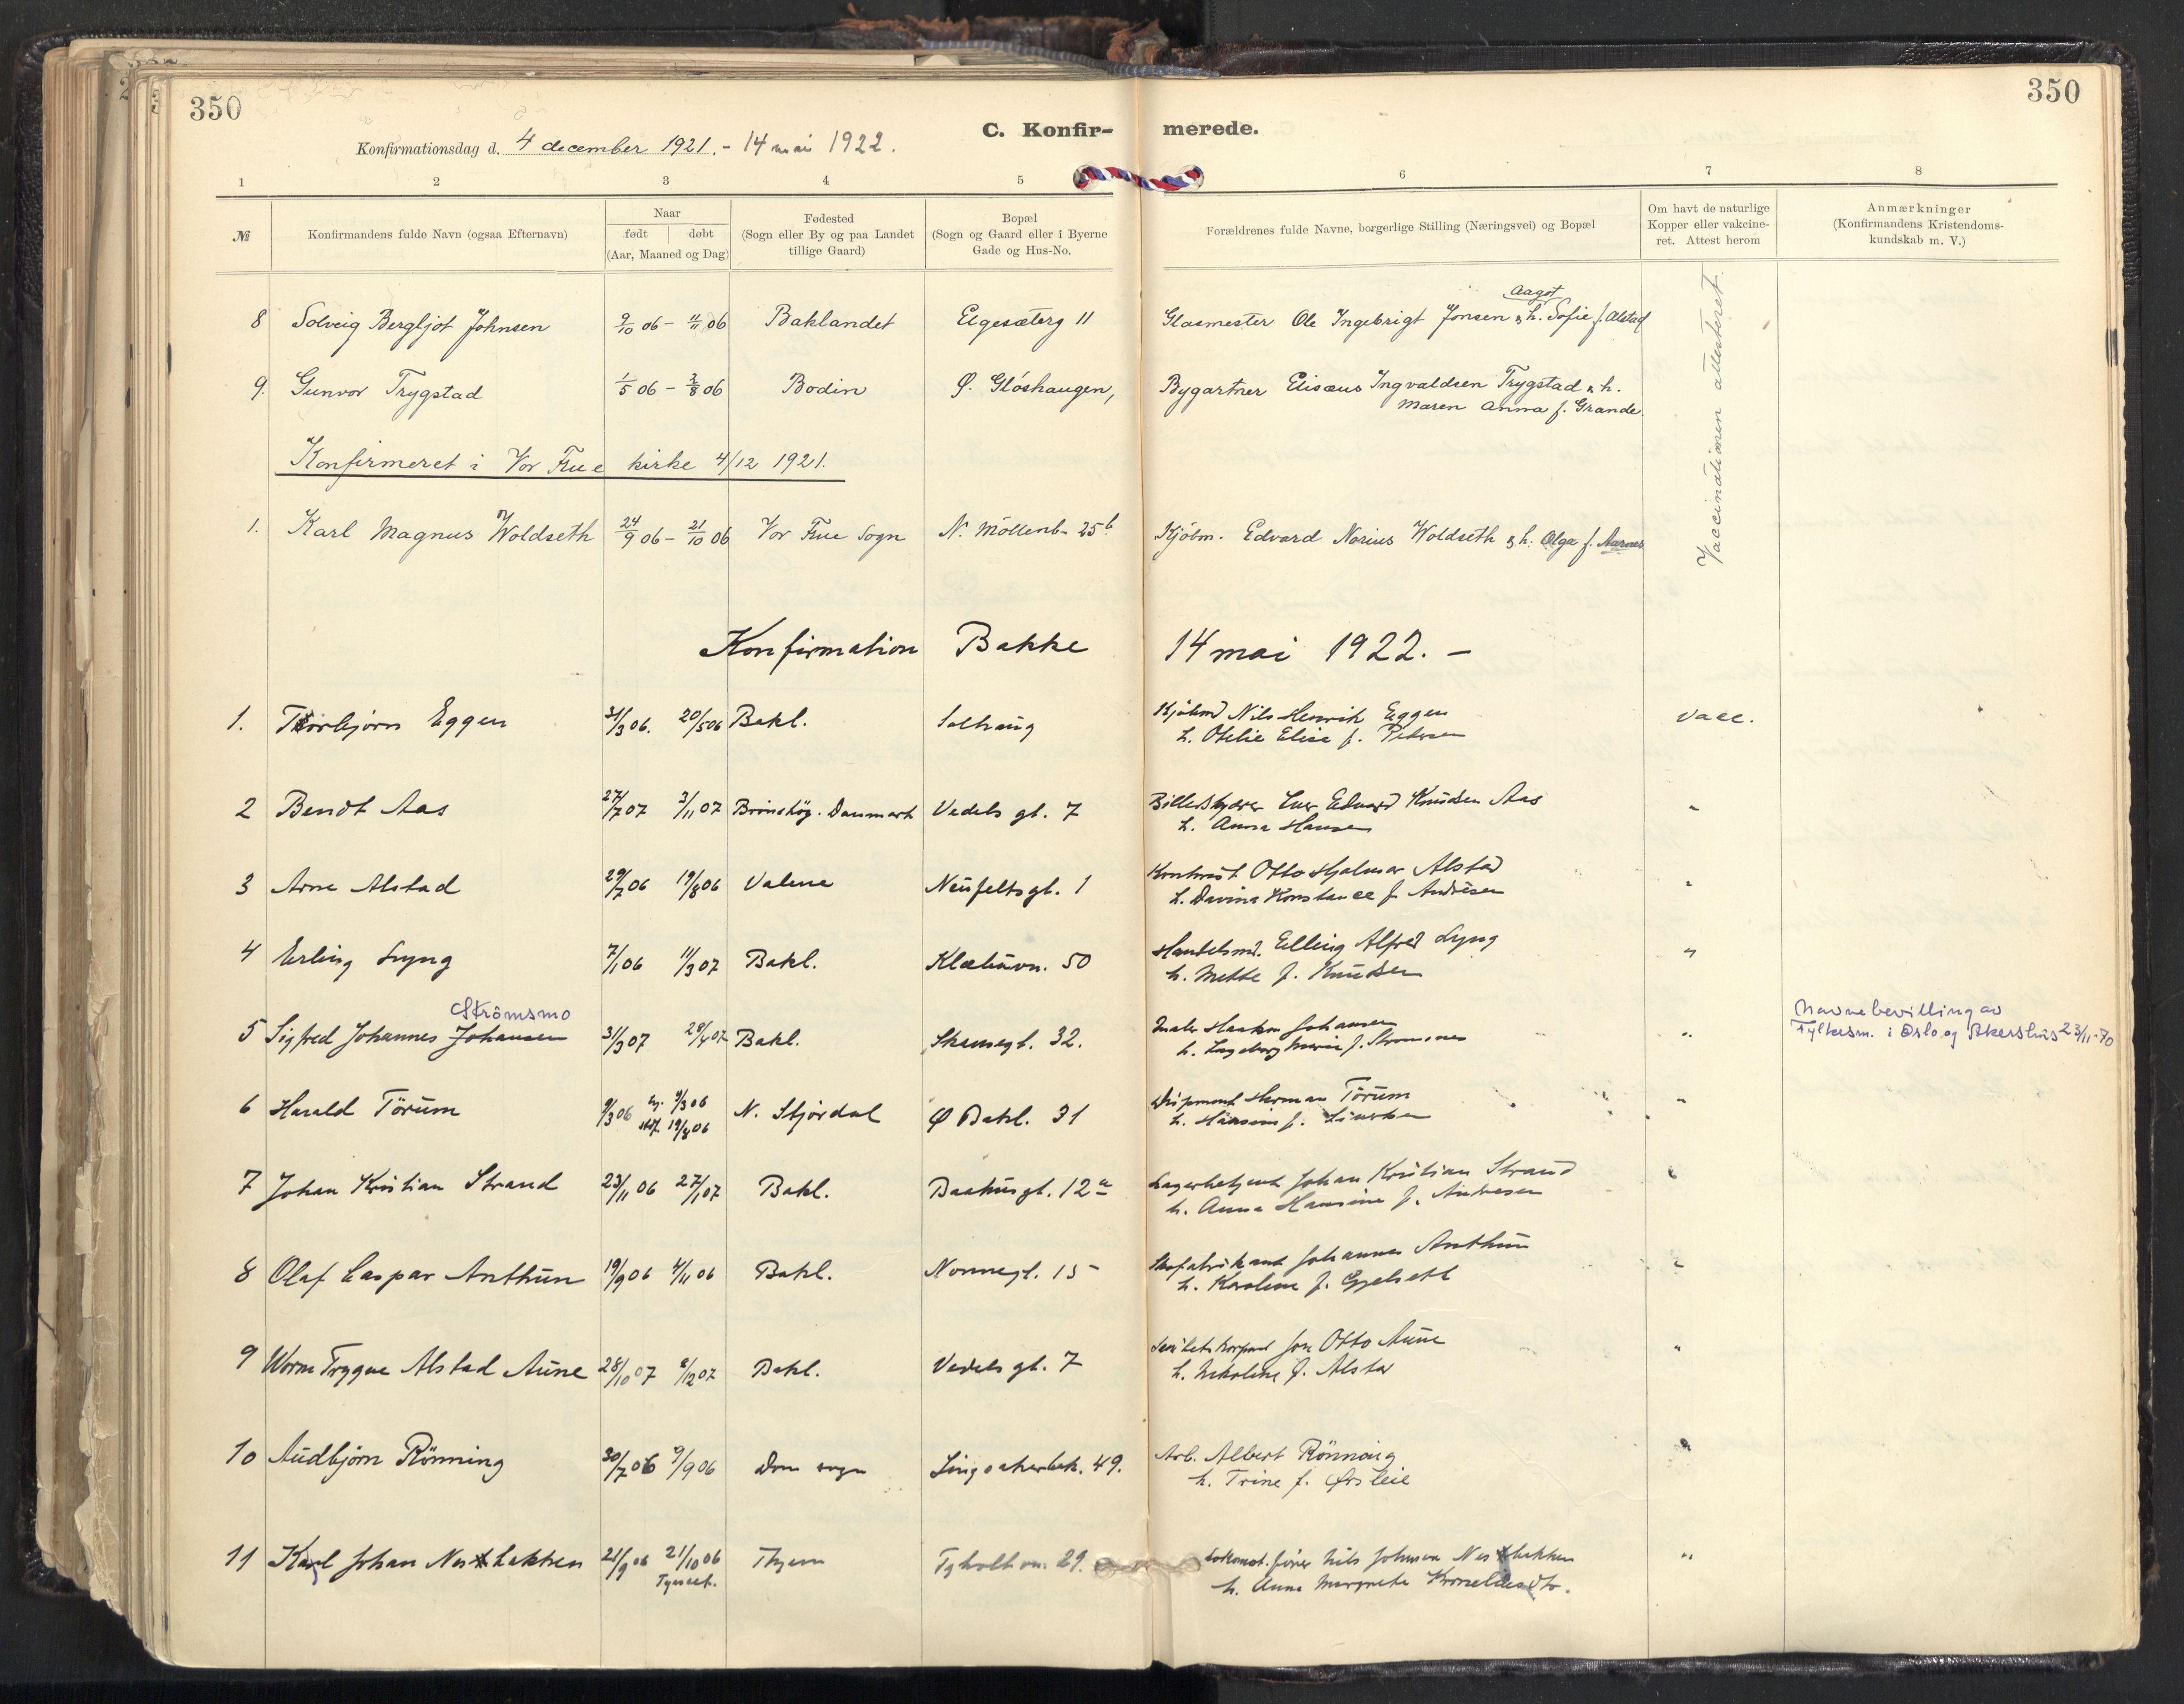 SAT, Ministerialprotokoller, klokkerbøker og fødselsregistre - Sør-Trøndelag, 604/L0205: Ministerialbok nr. 604A25, 1917-1932, s. 350